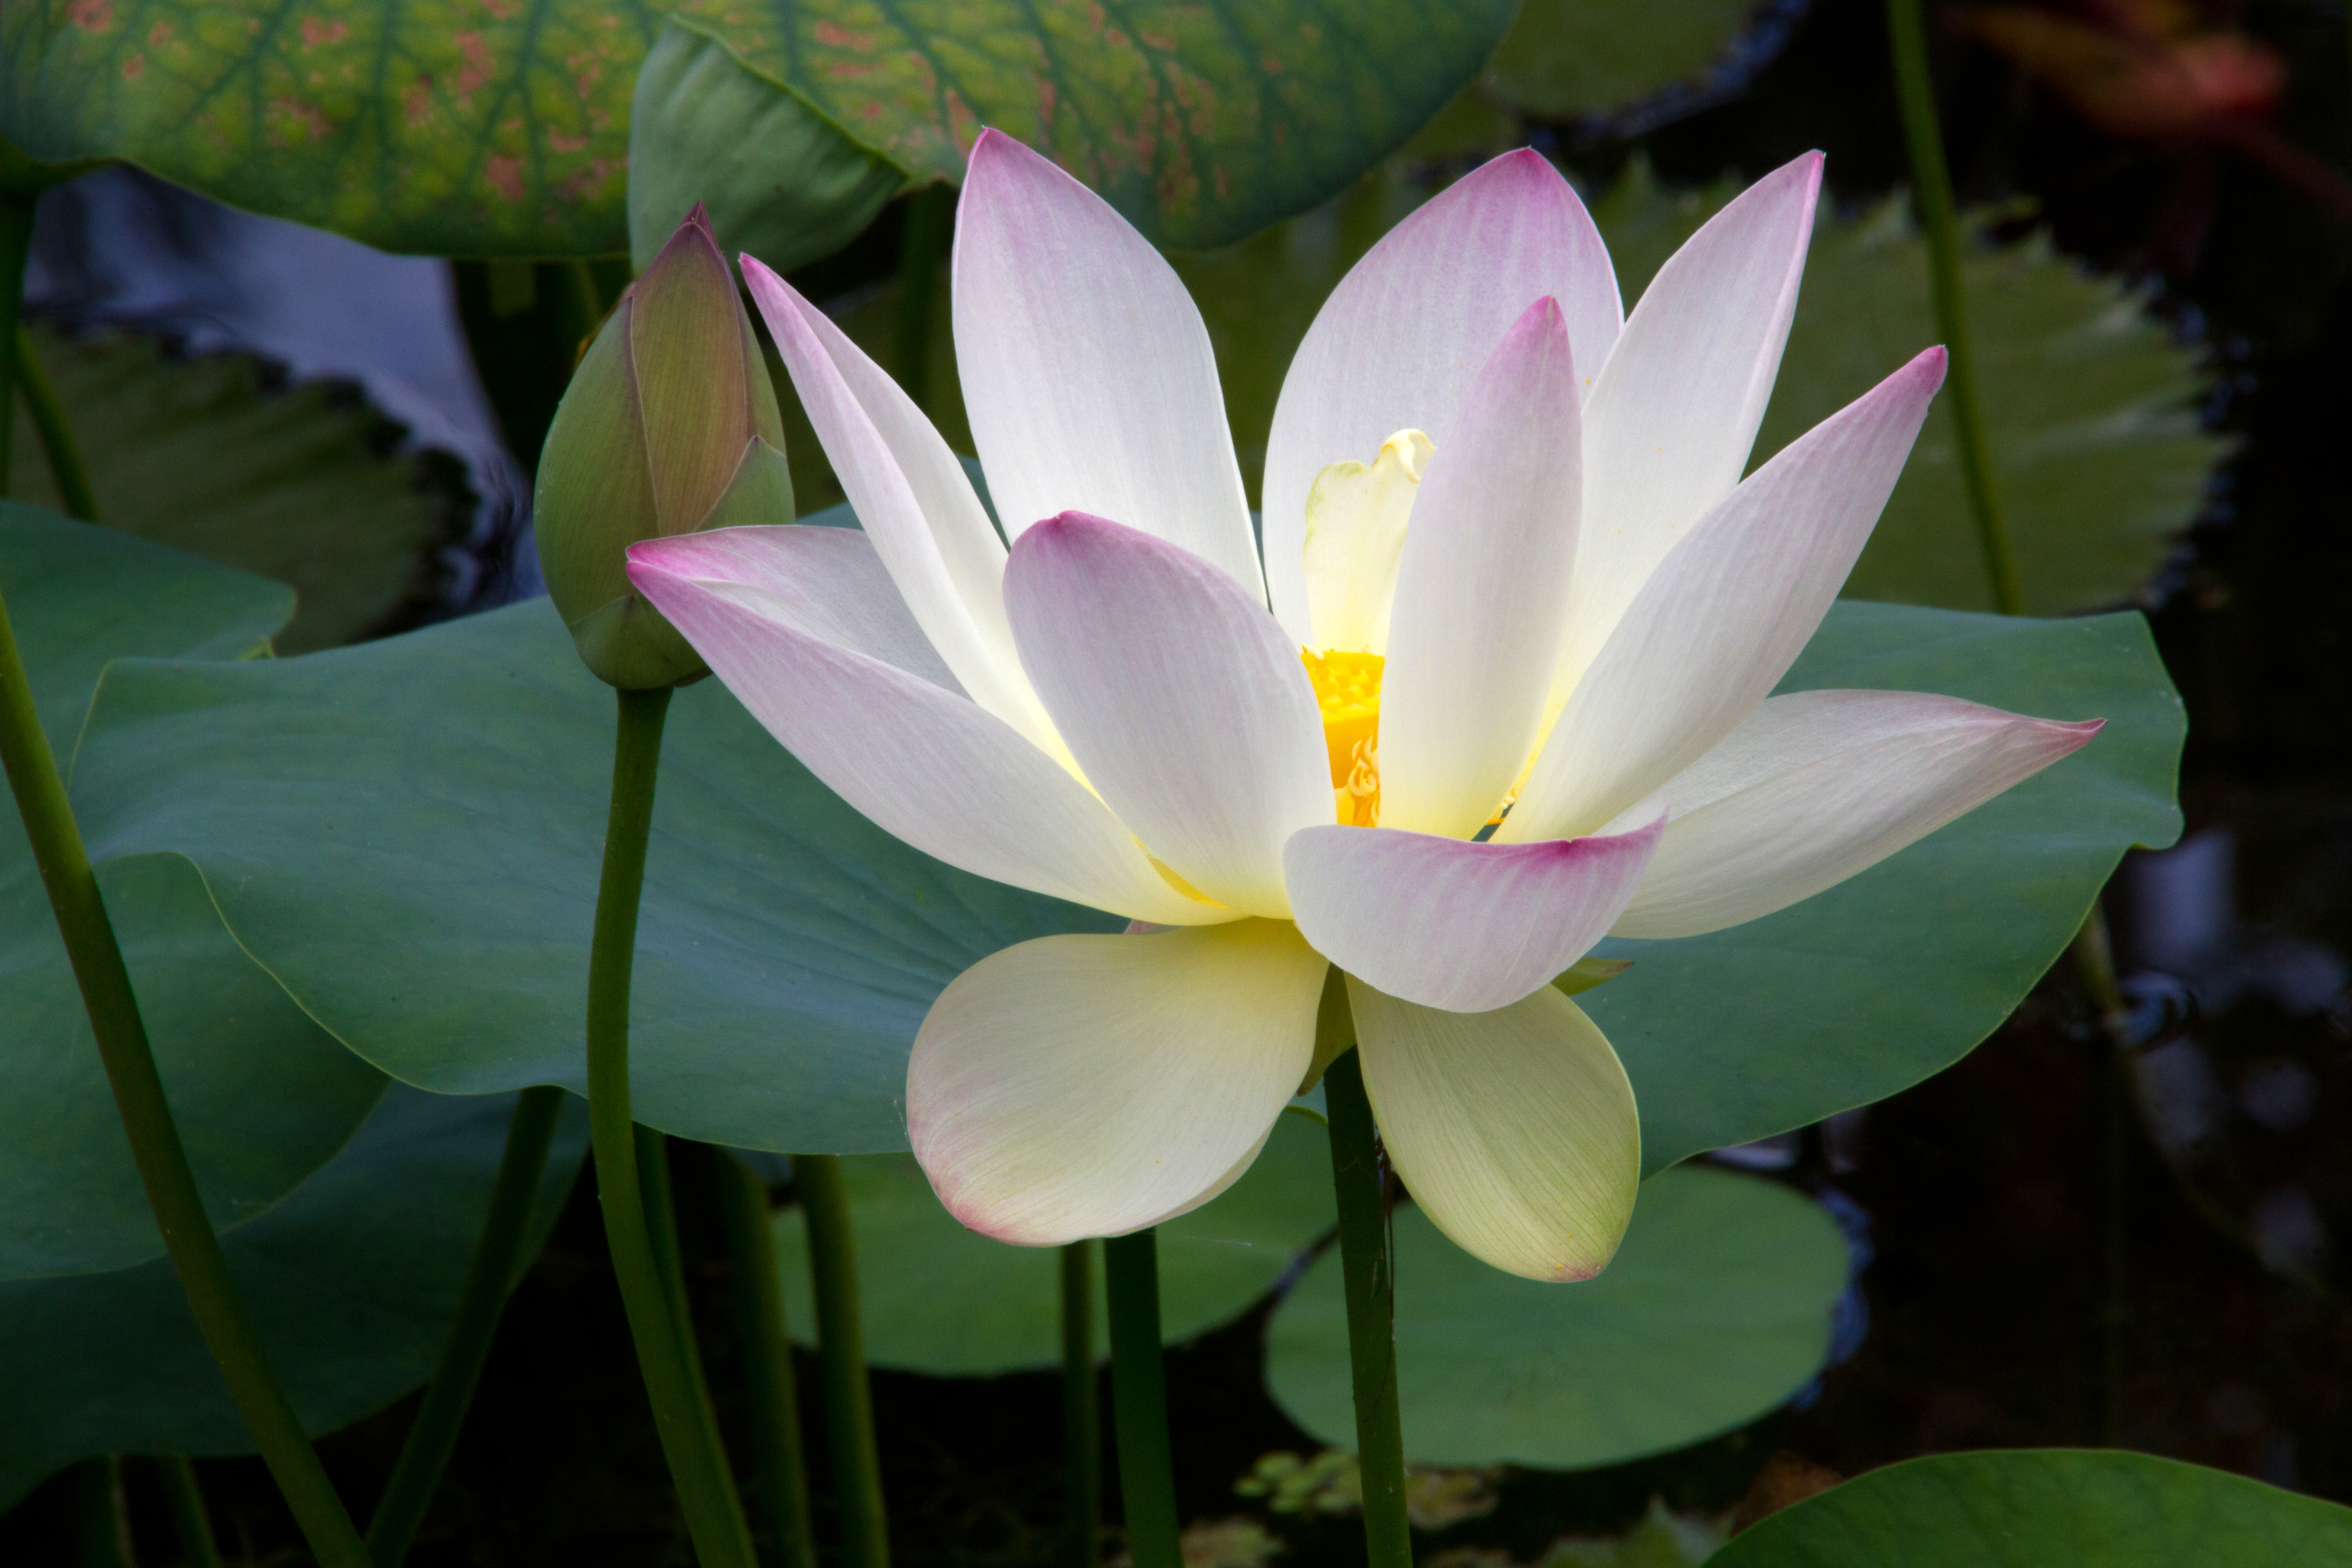 Lotus Flower And Bud Naturetime